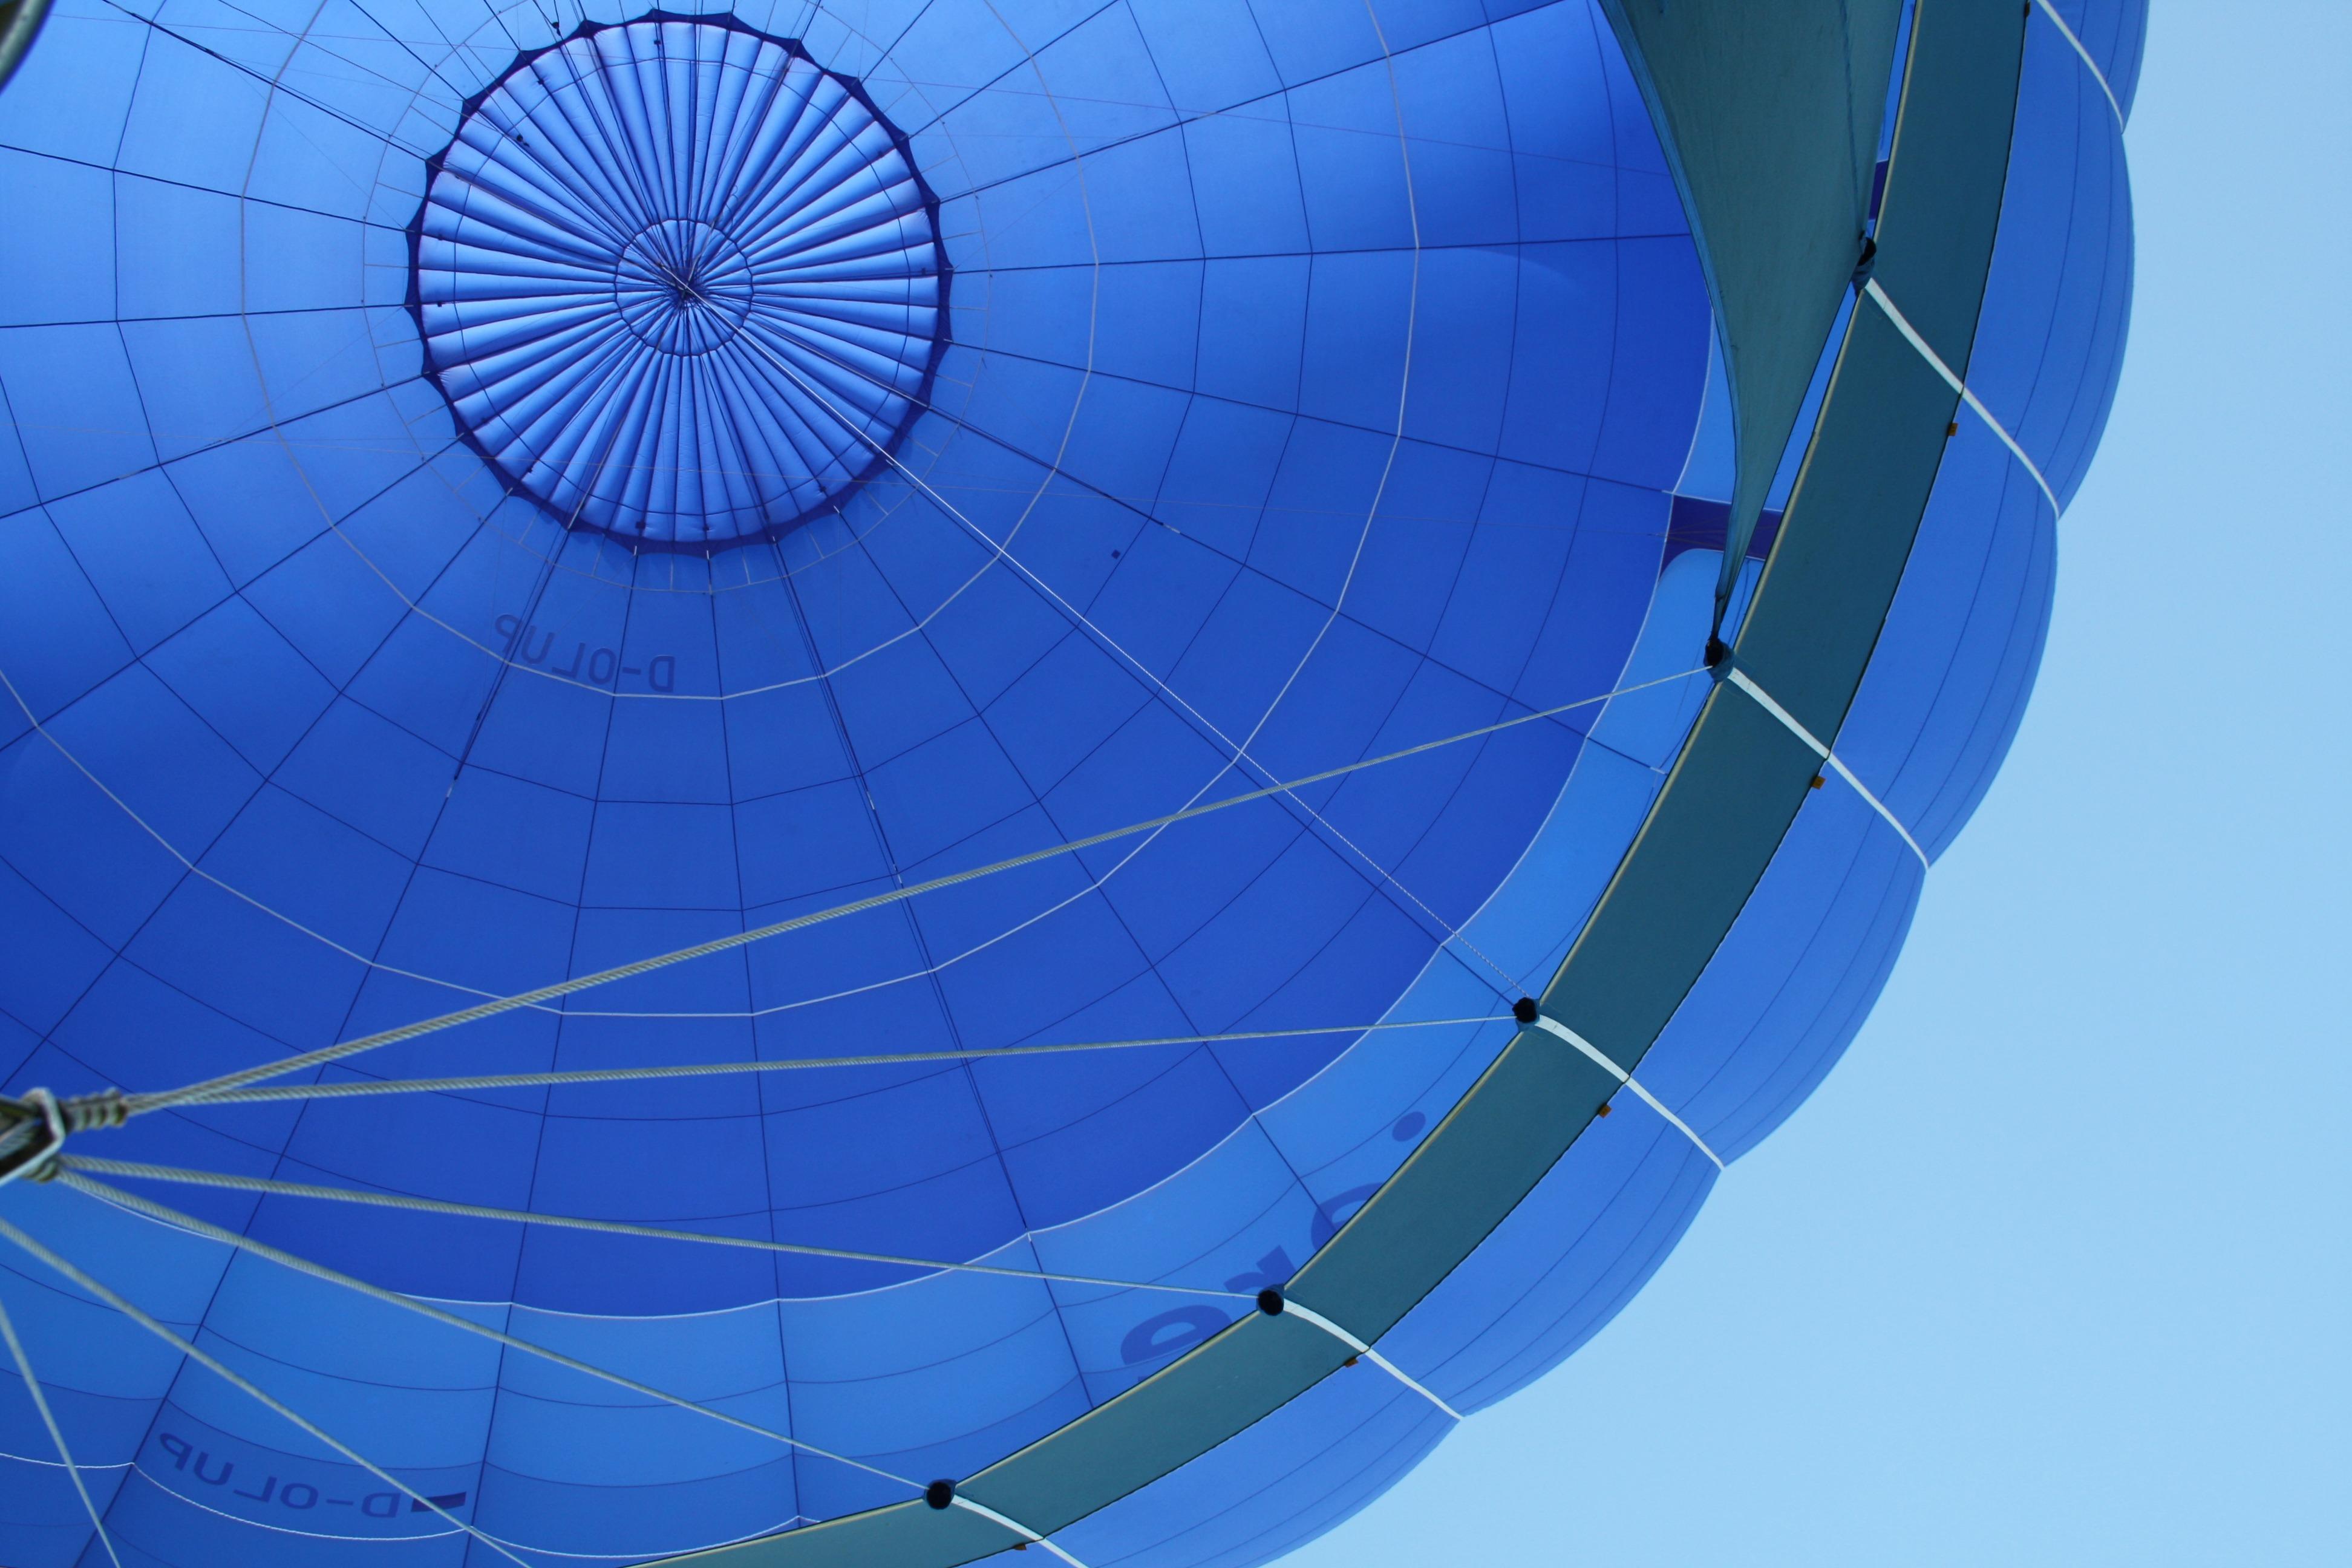 balloon-114115